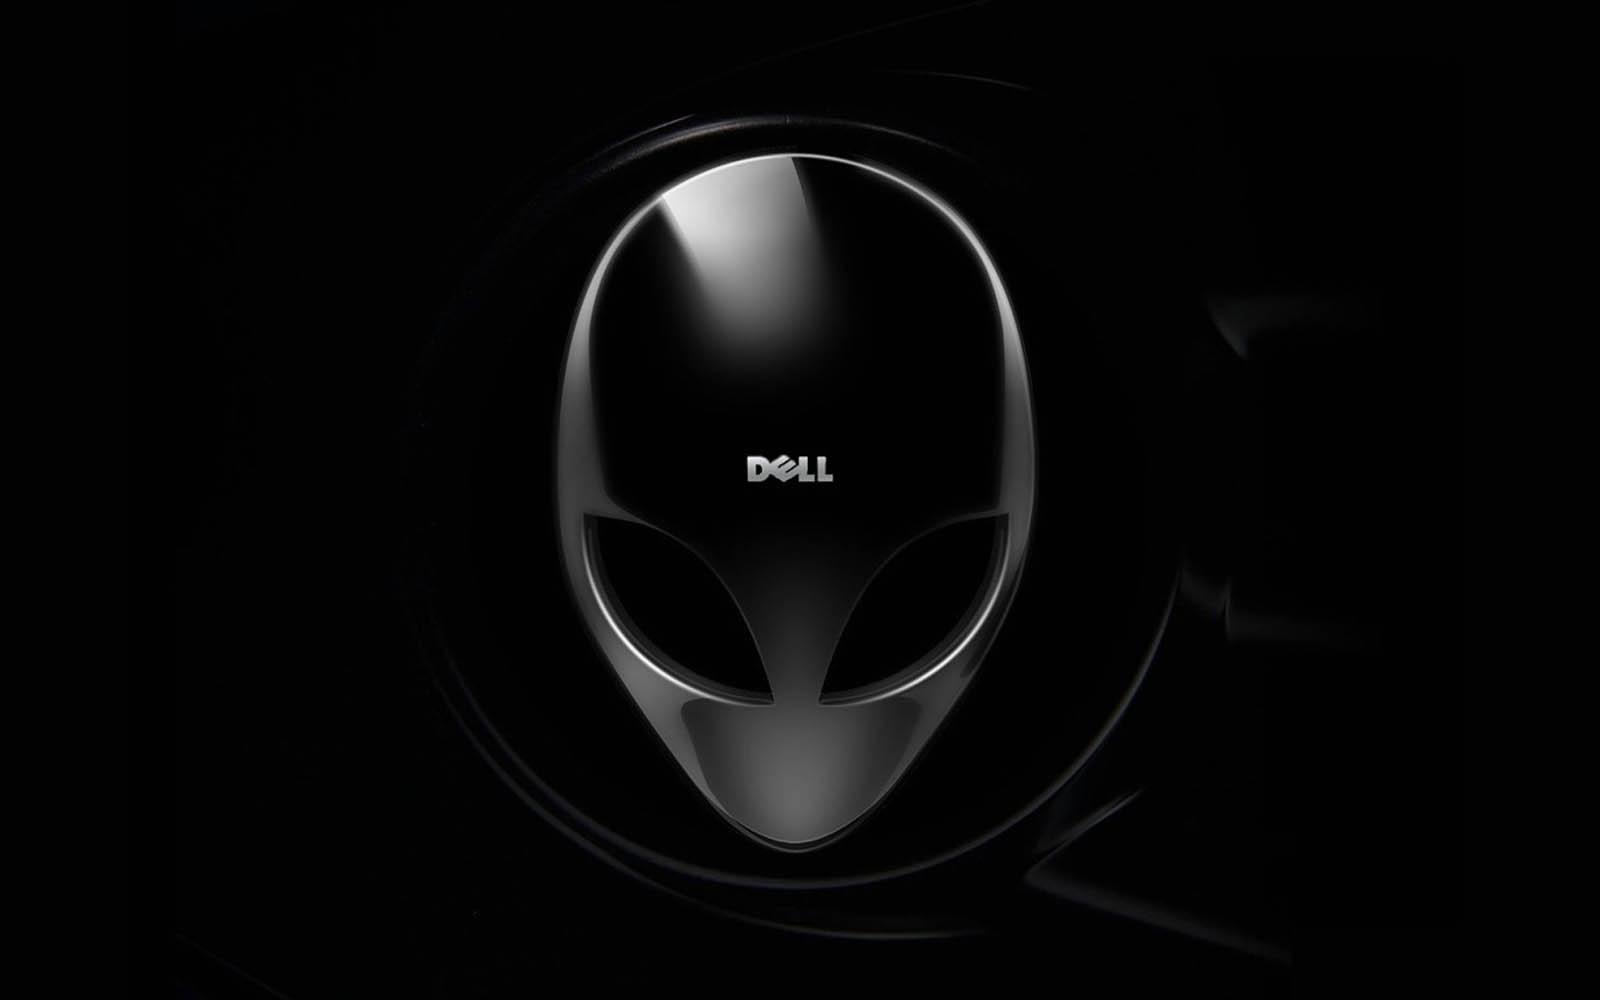 http://1.bp.blogspot.com/-B_lRuE5hkQM/UBAlH6ZTAZI/AAAAAAAAGG4/vXsJgTAVBE4/s1600/Dell%2BWallpapers%2B5.jpg